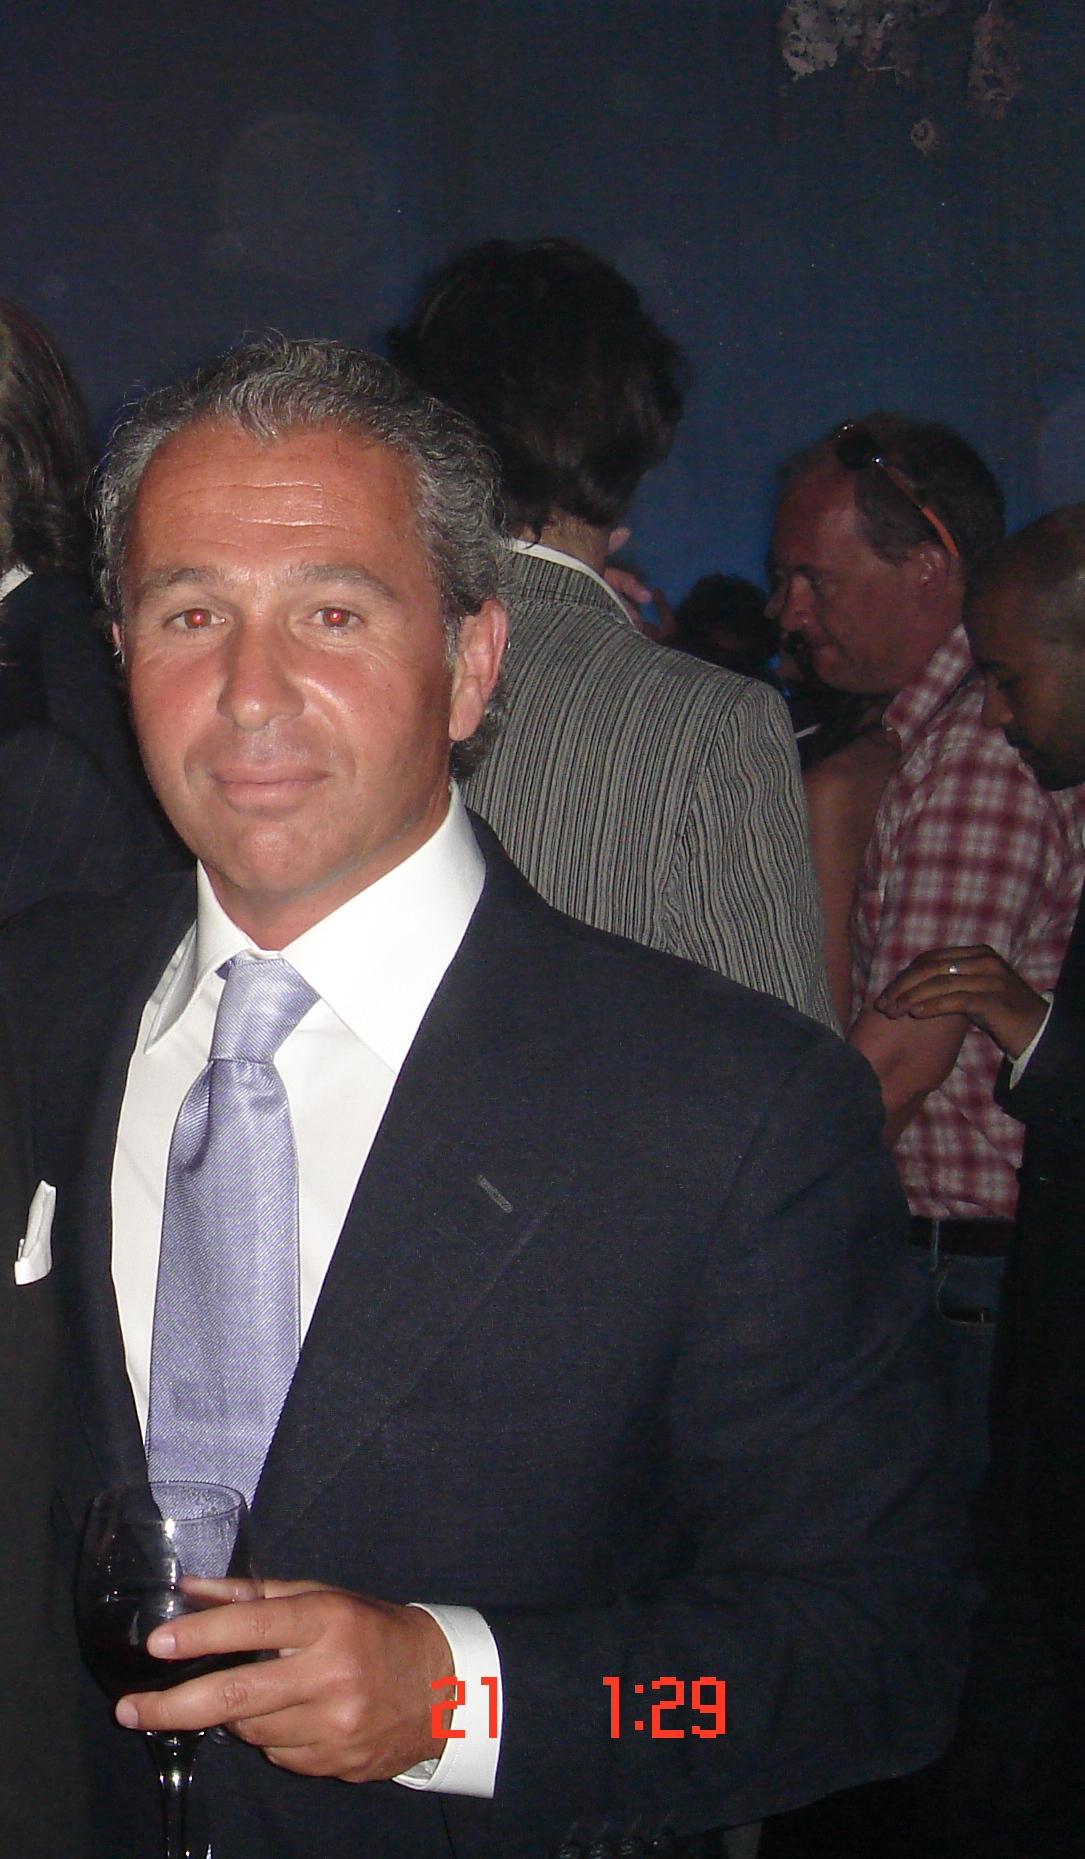 Ο Ronie Davidoff...Billionaire, με συγκλονιστικό χιούμορ και ακόμη πιο συγκλονιστικά χαμηλό προφίλ...